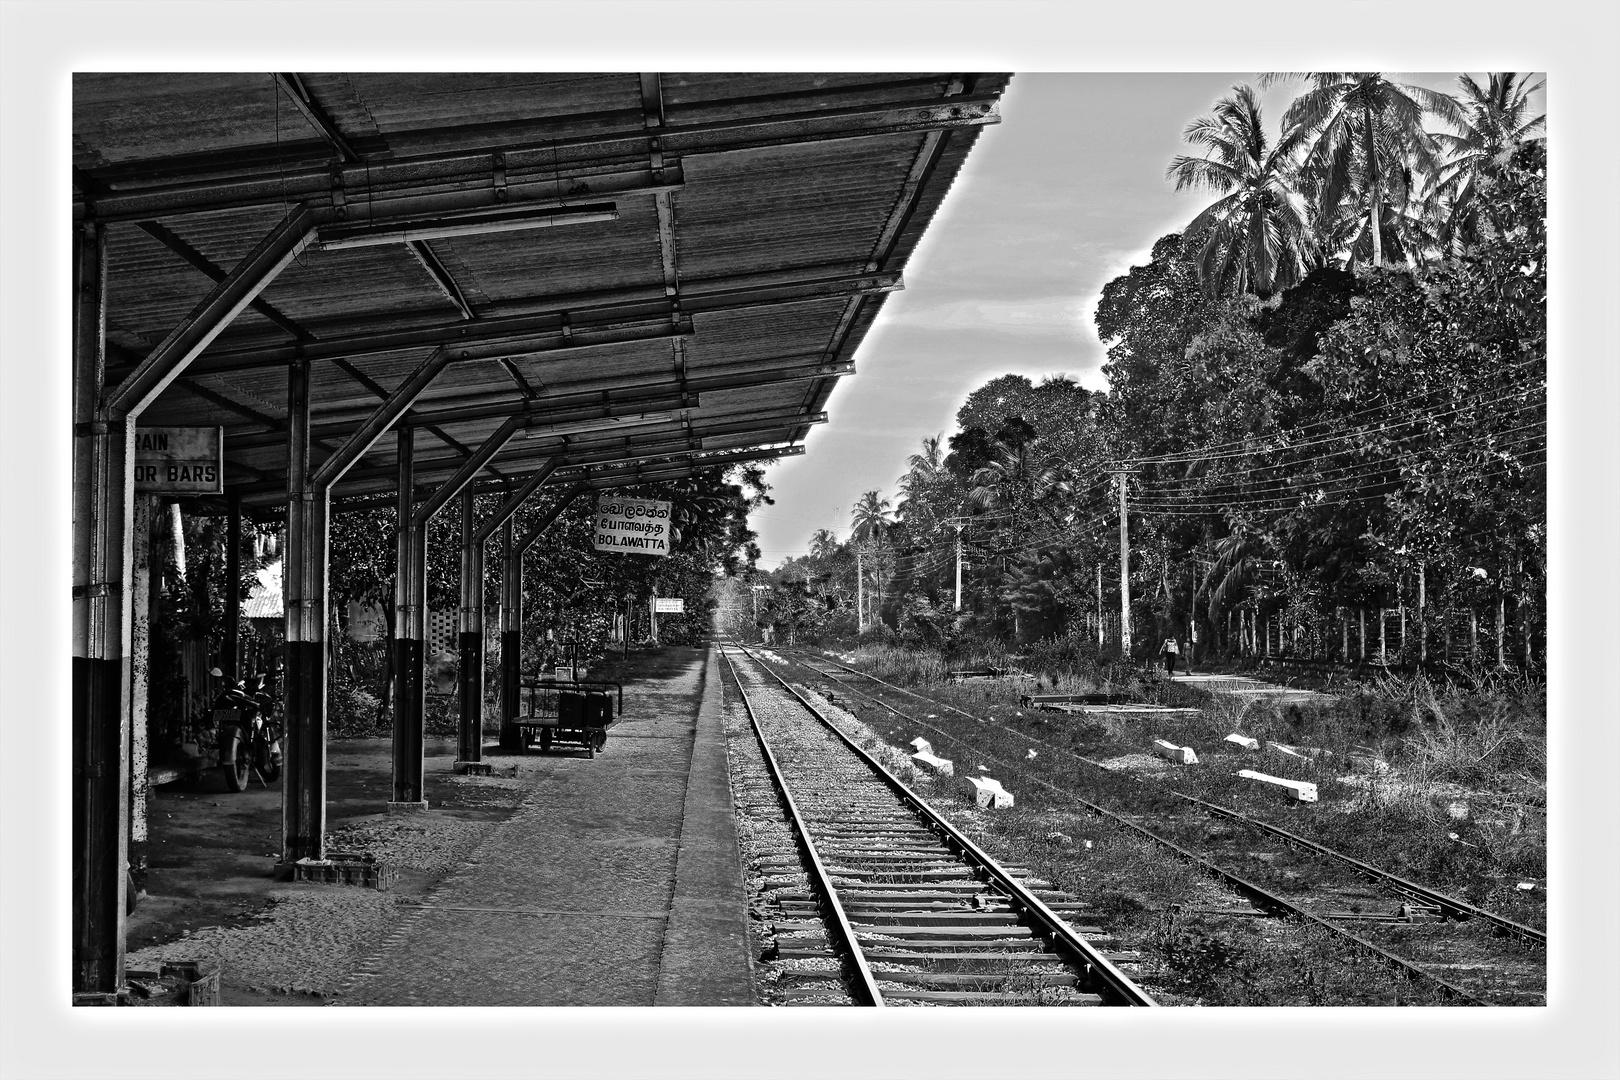 bolawatta railway station